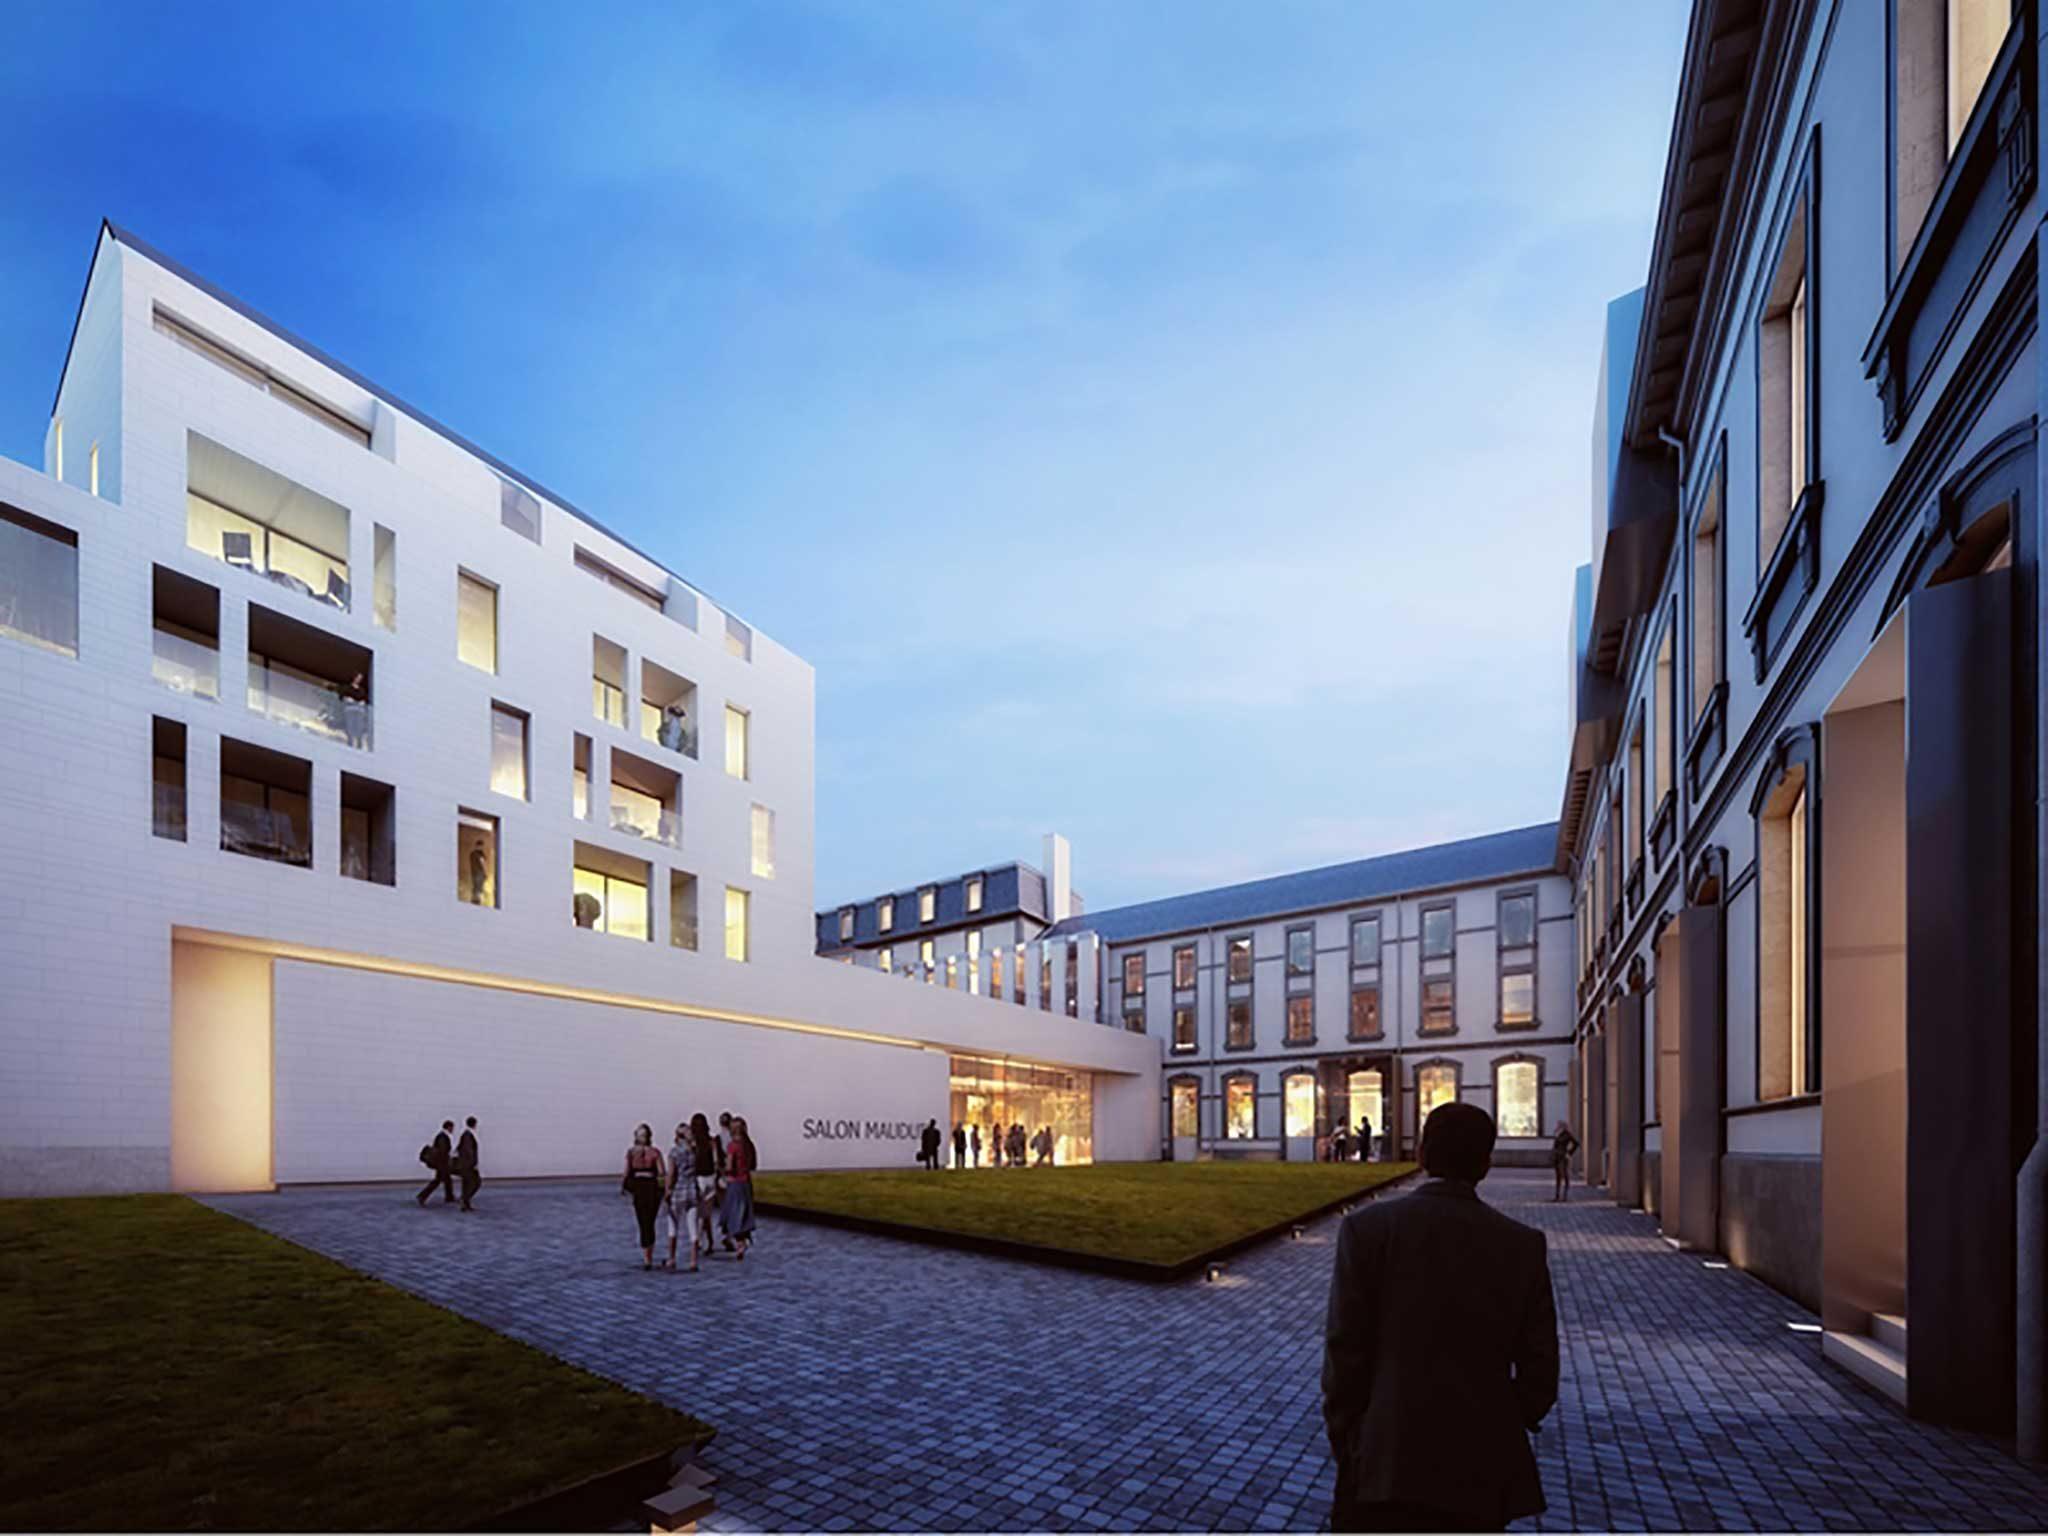 ardepa visite architecturale 2018 logement et creiche nantes desire colombe agence leibar et seigneurin architectes